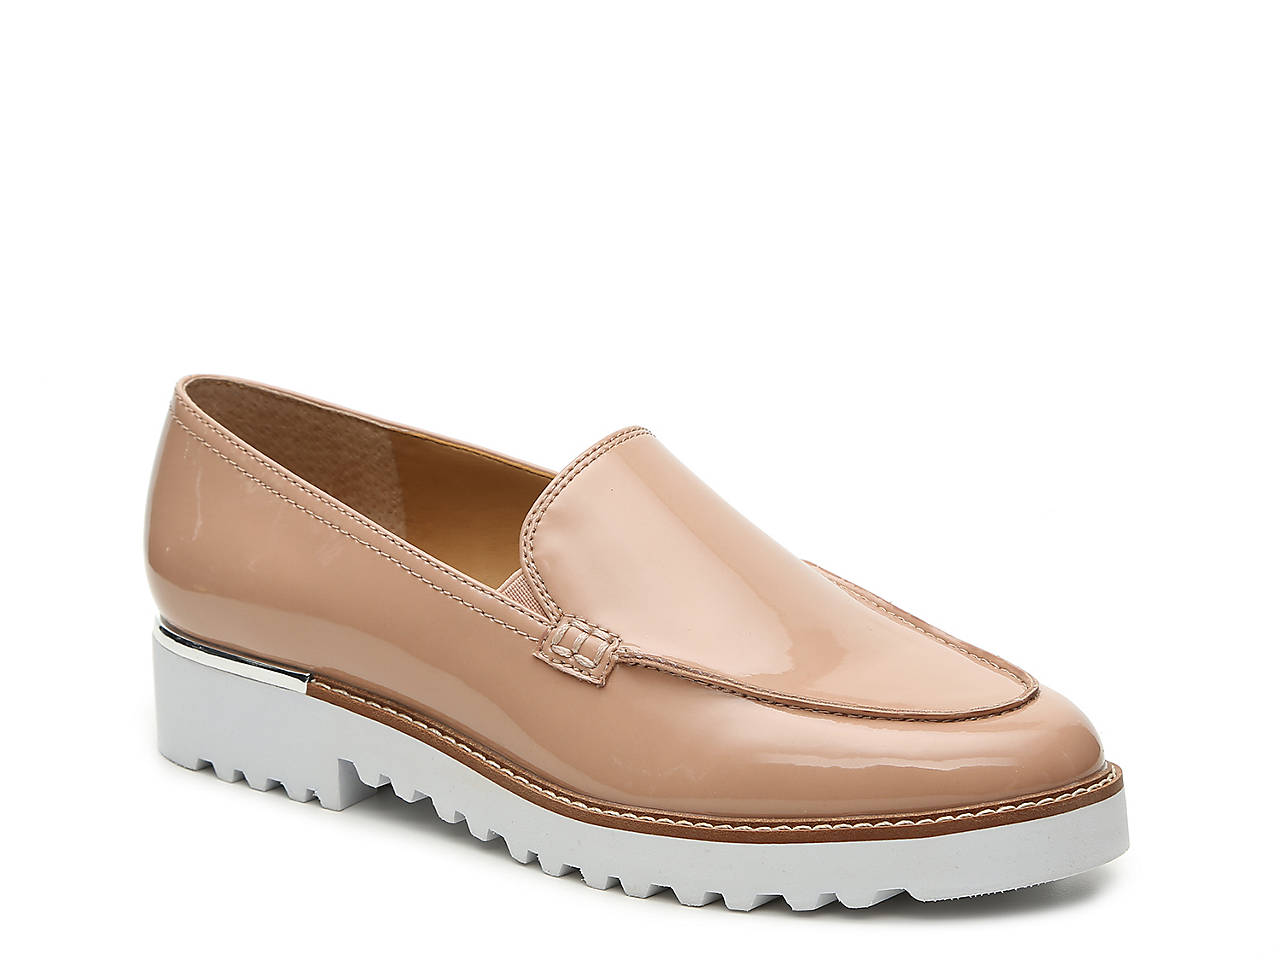 56de5d82240 Franco Sarto Cypress Platform Loafer Men s Shoes